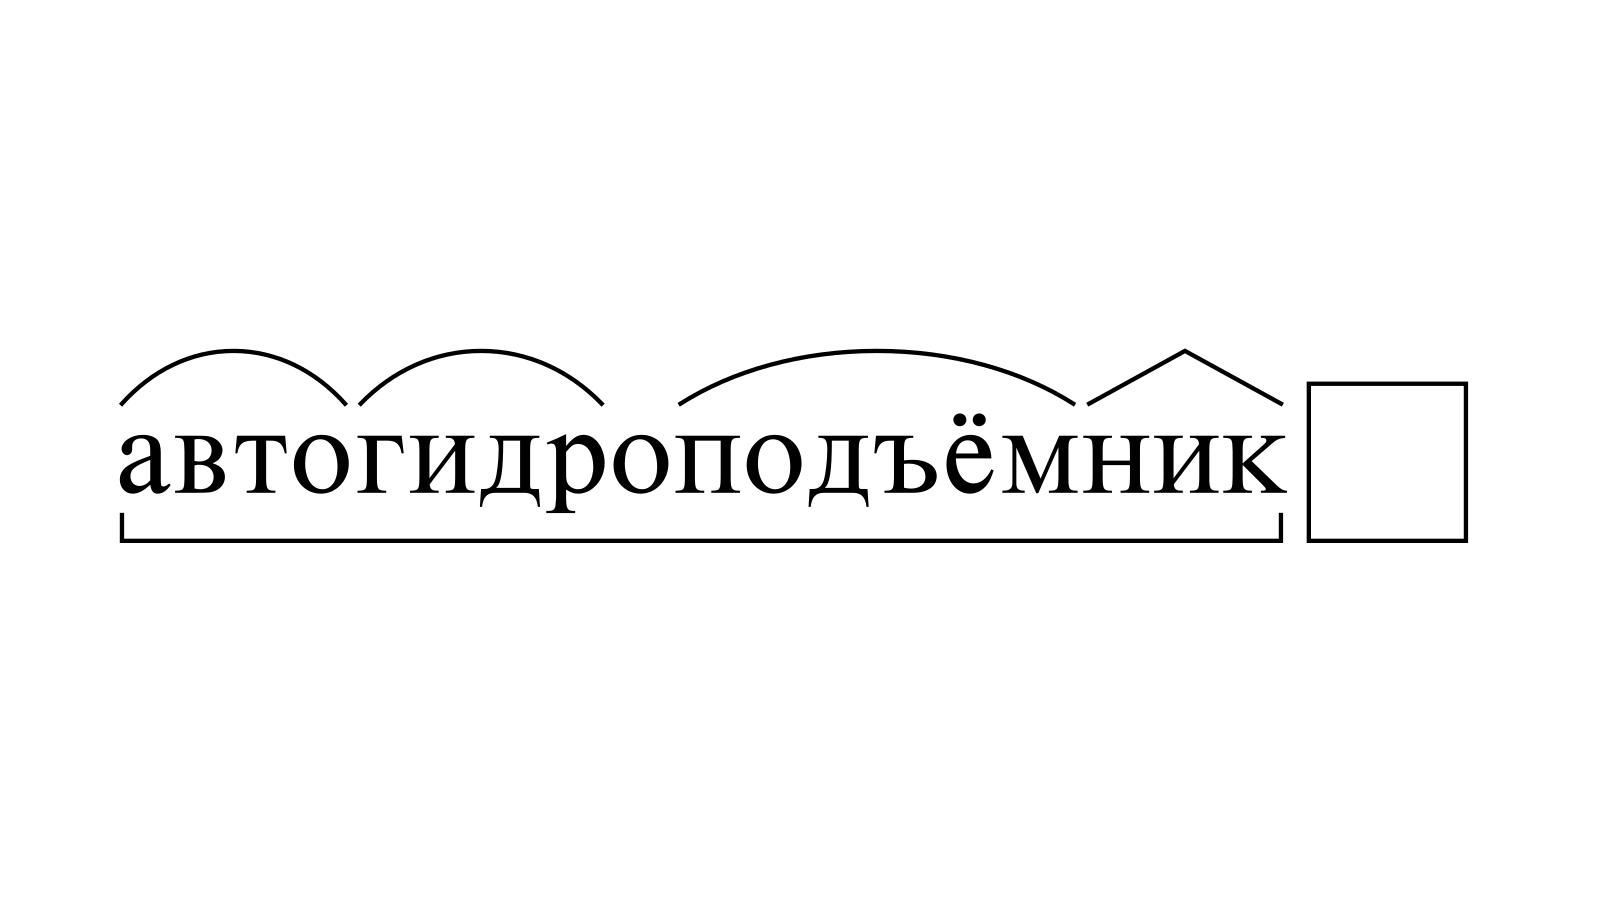 Разбор слова «автогидроподъёмник» по составу